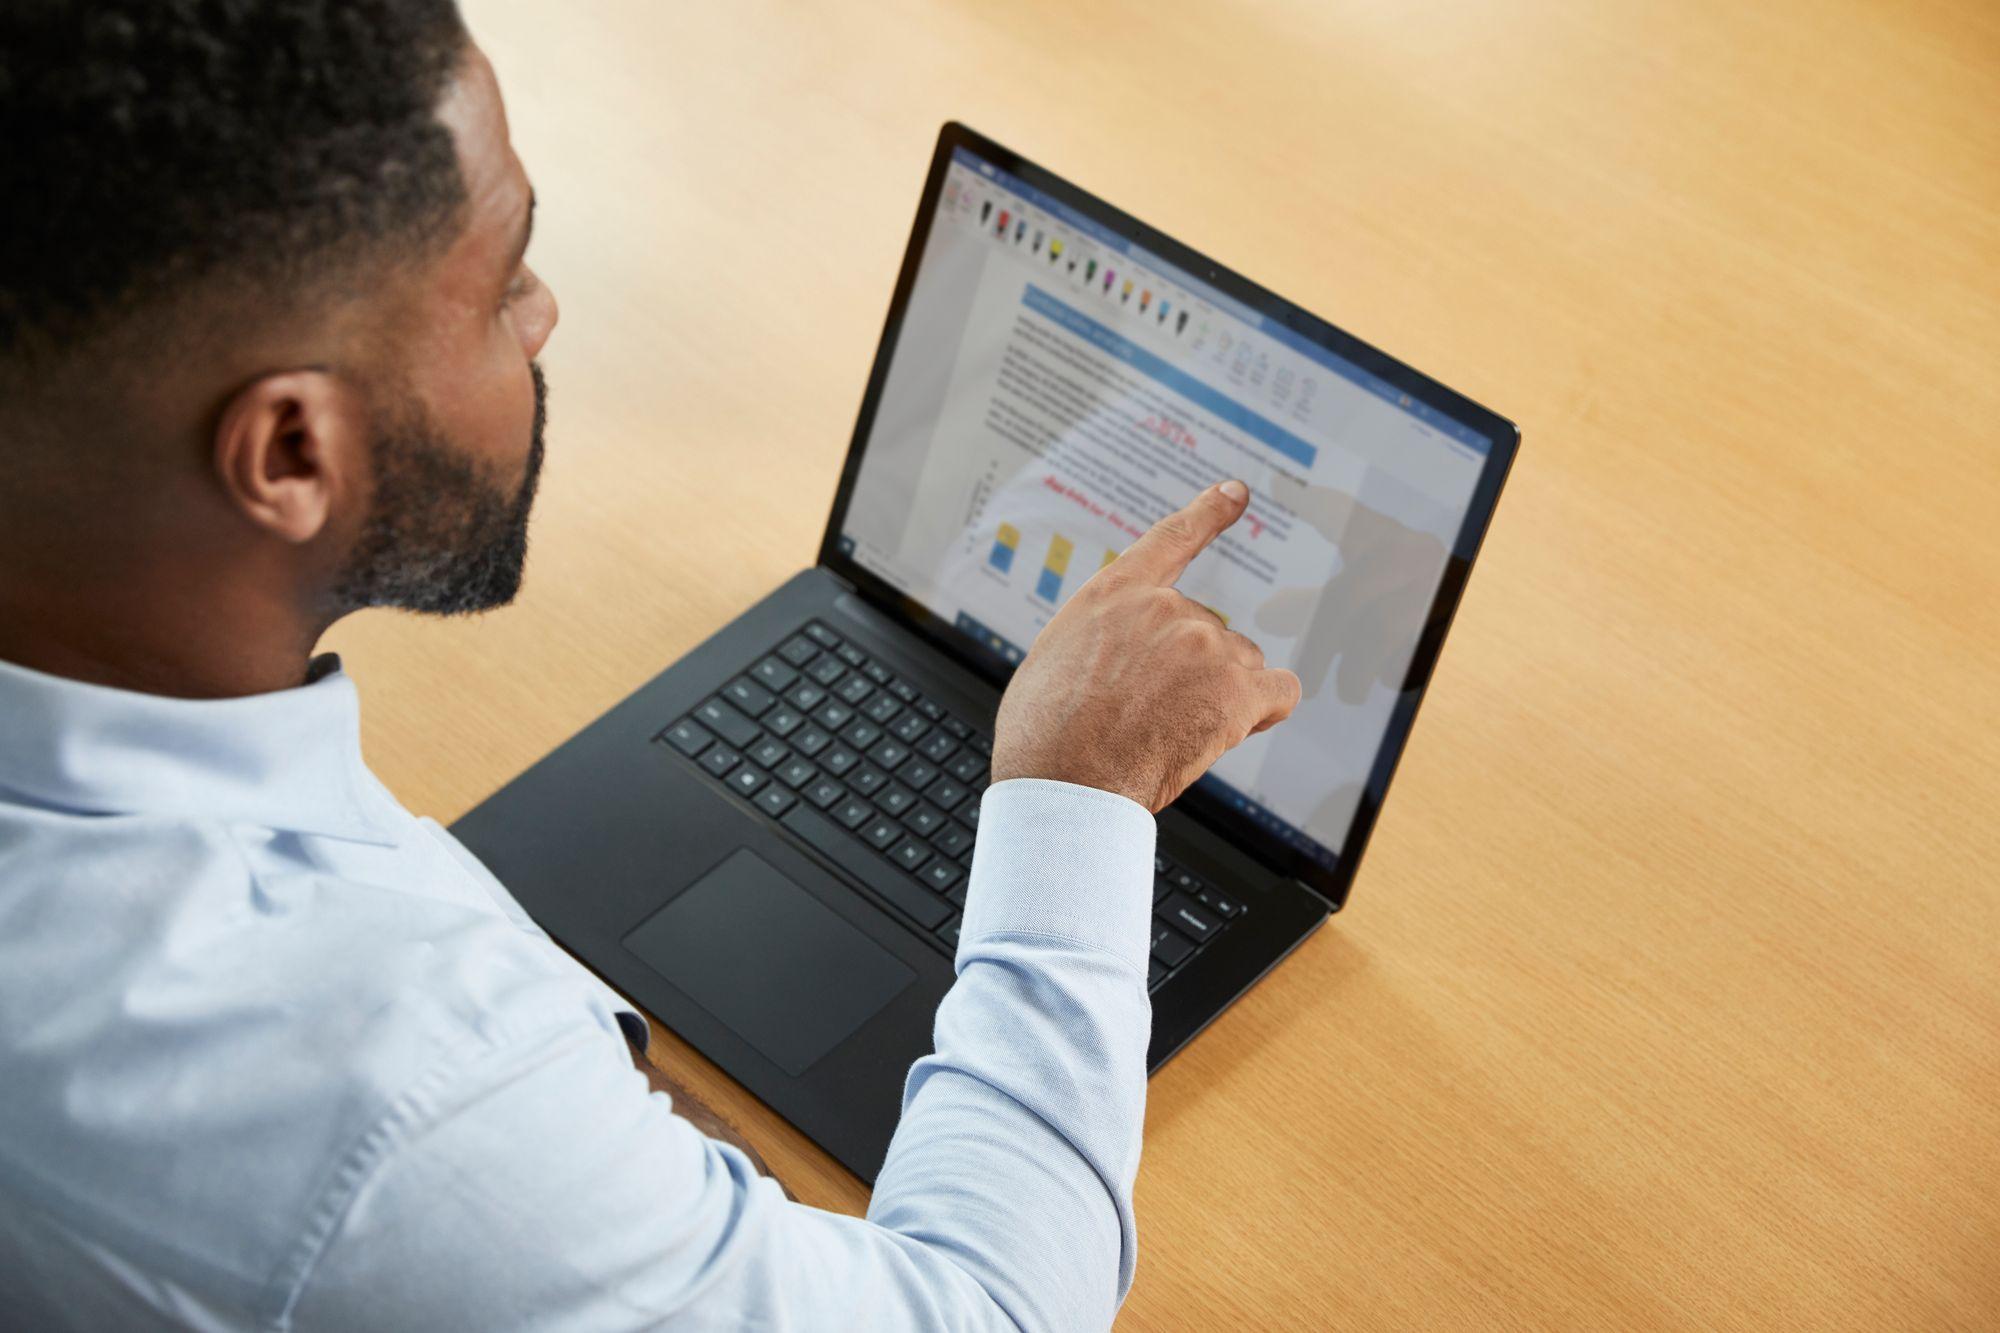 Ein Mann korrigiert per Touch-Funktion auf dem Bildschirm des Surface Laptops einen Text in Word